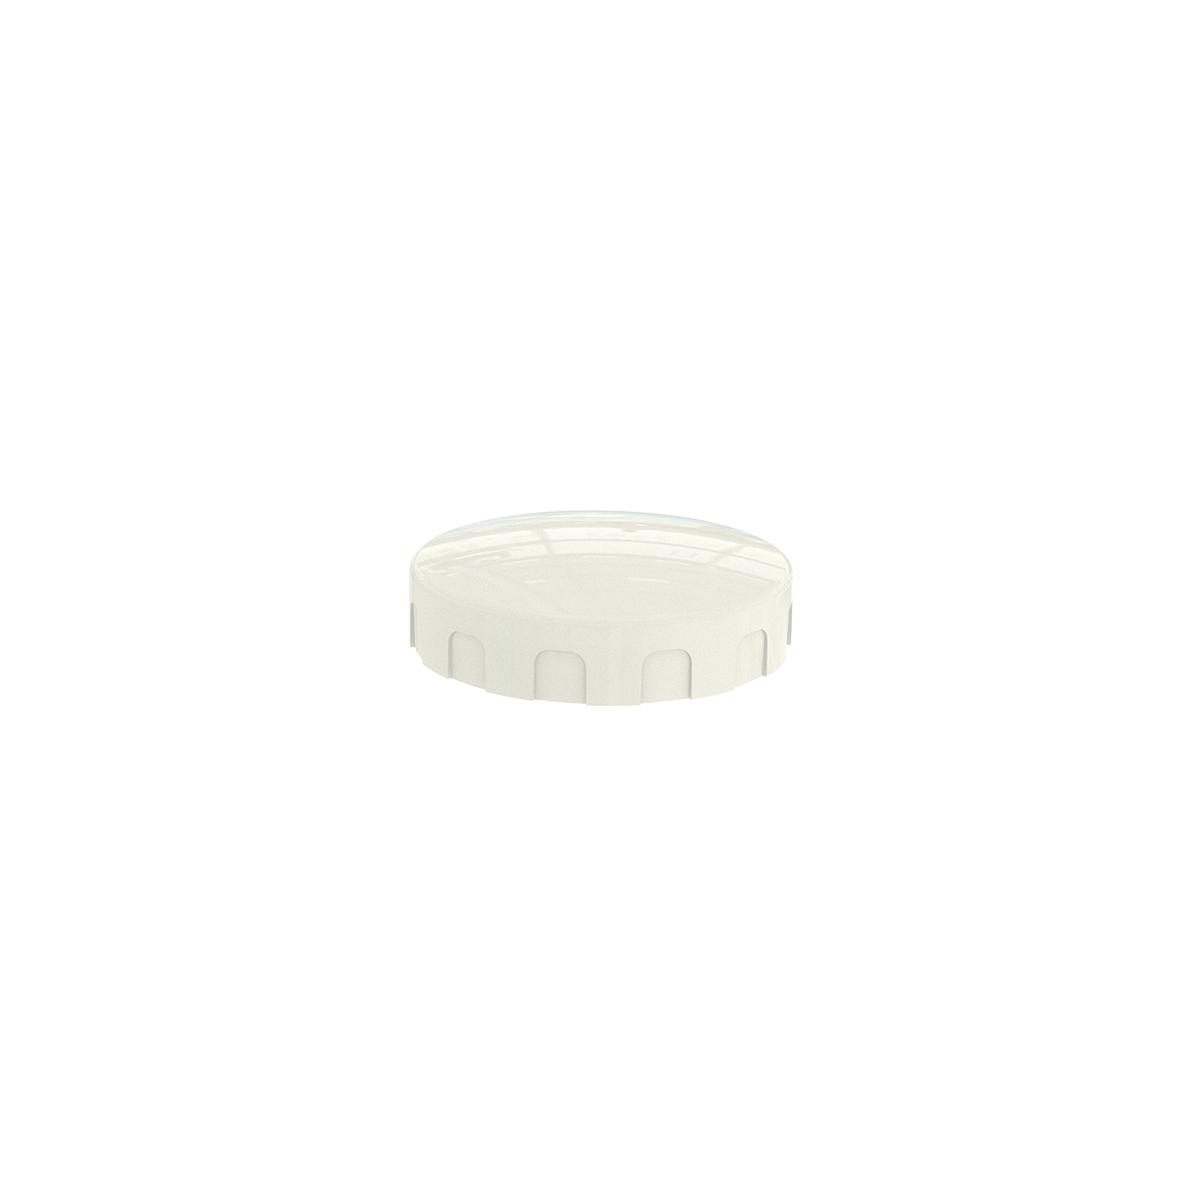 Inredning 12 volt belysning : Sävedalens Belysning | In-Lite Ace Lens Diffuse - Sävedalens Belysning